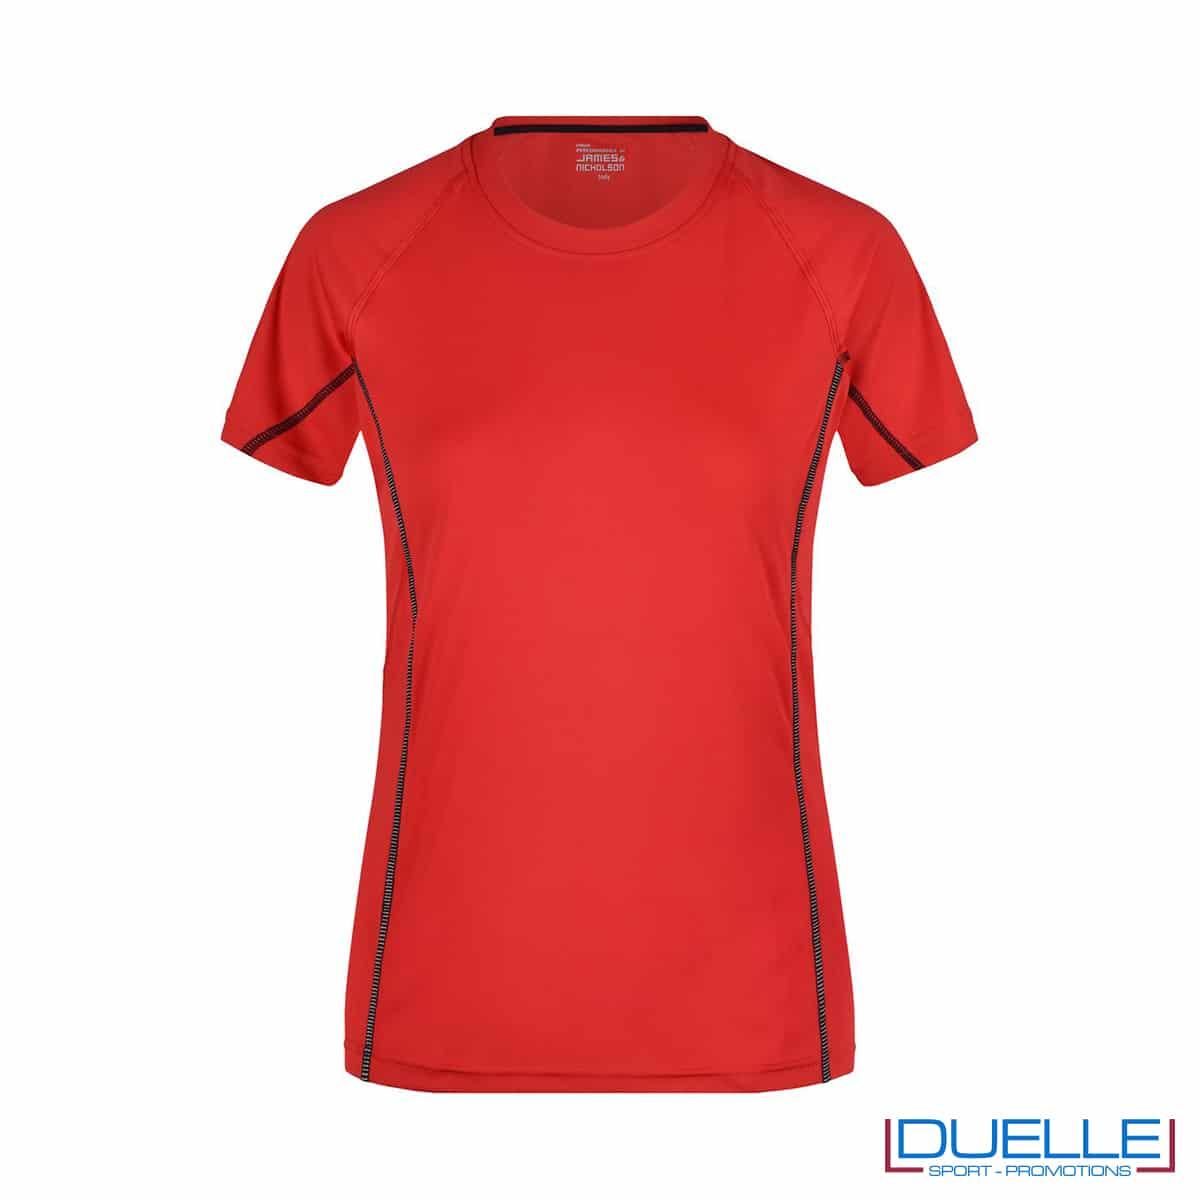 Maglia running Coolmax donna colore rosso personalizzata